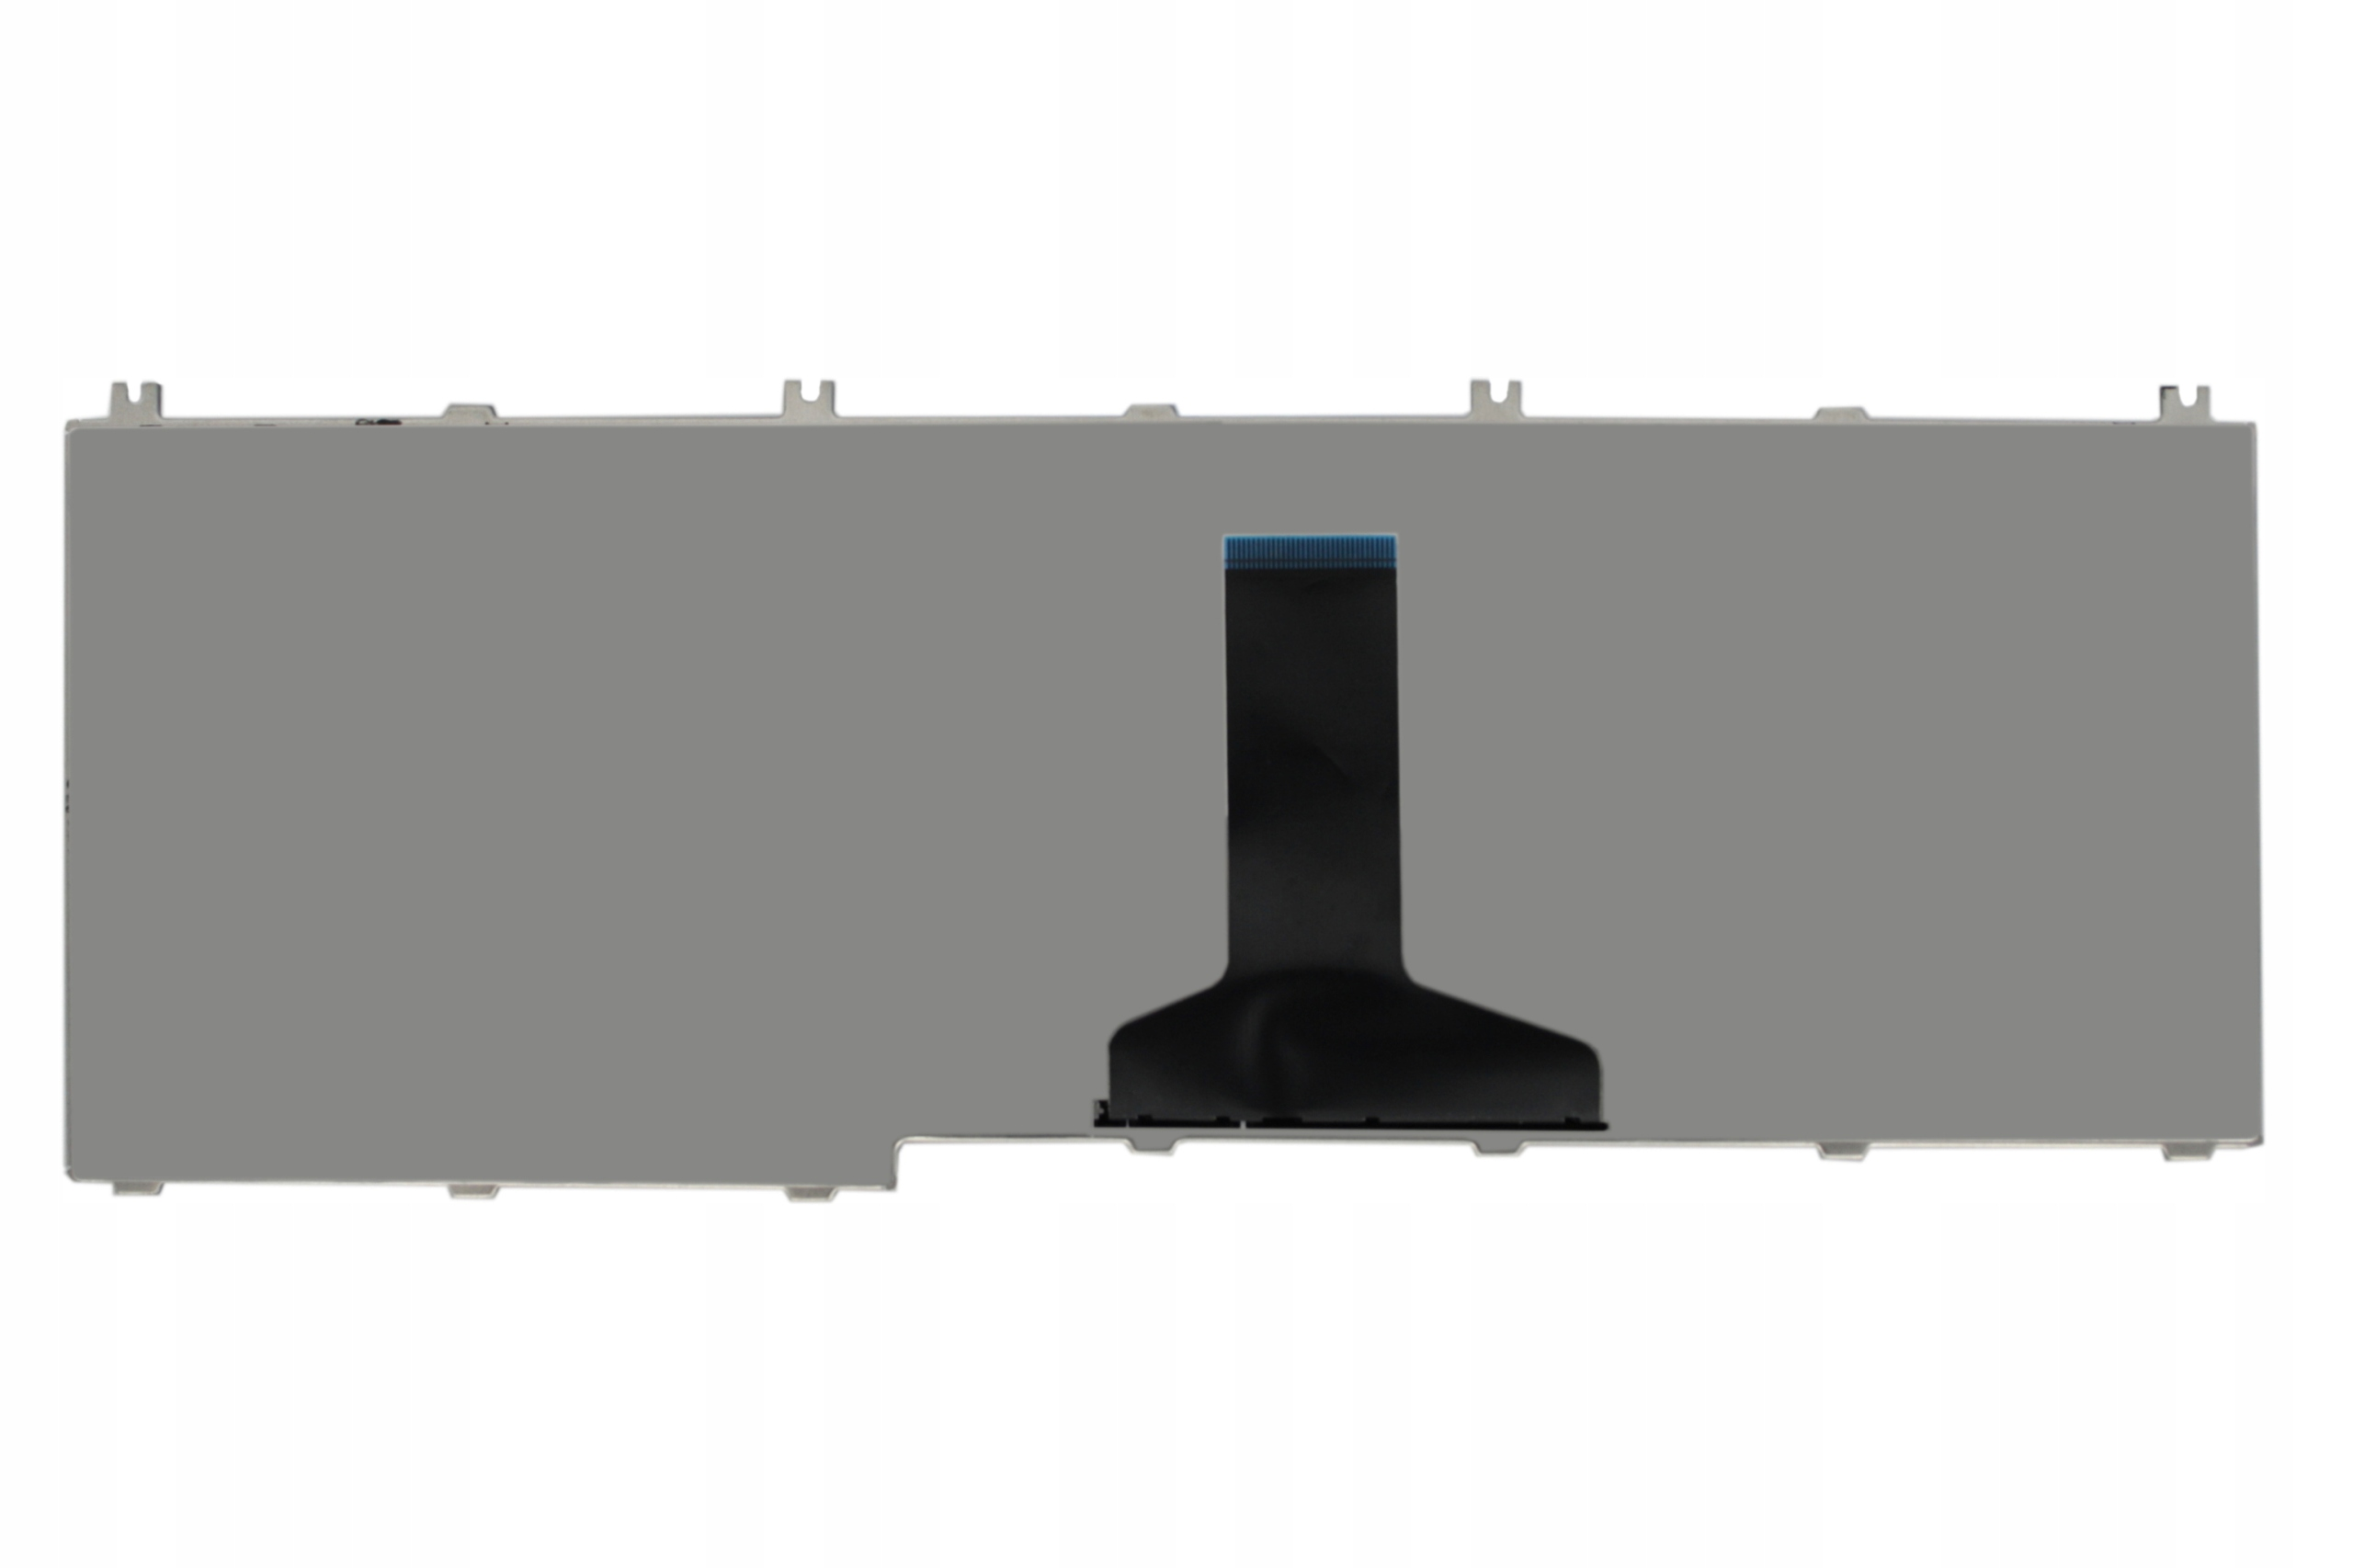 KLAWIATURA TOSHIBA SATELLITE P200 L500 A500 A505 - Klawiatury do laptopów